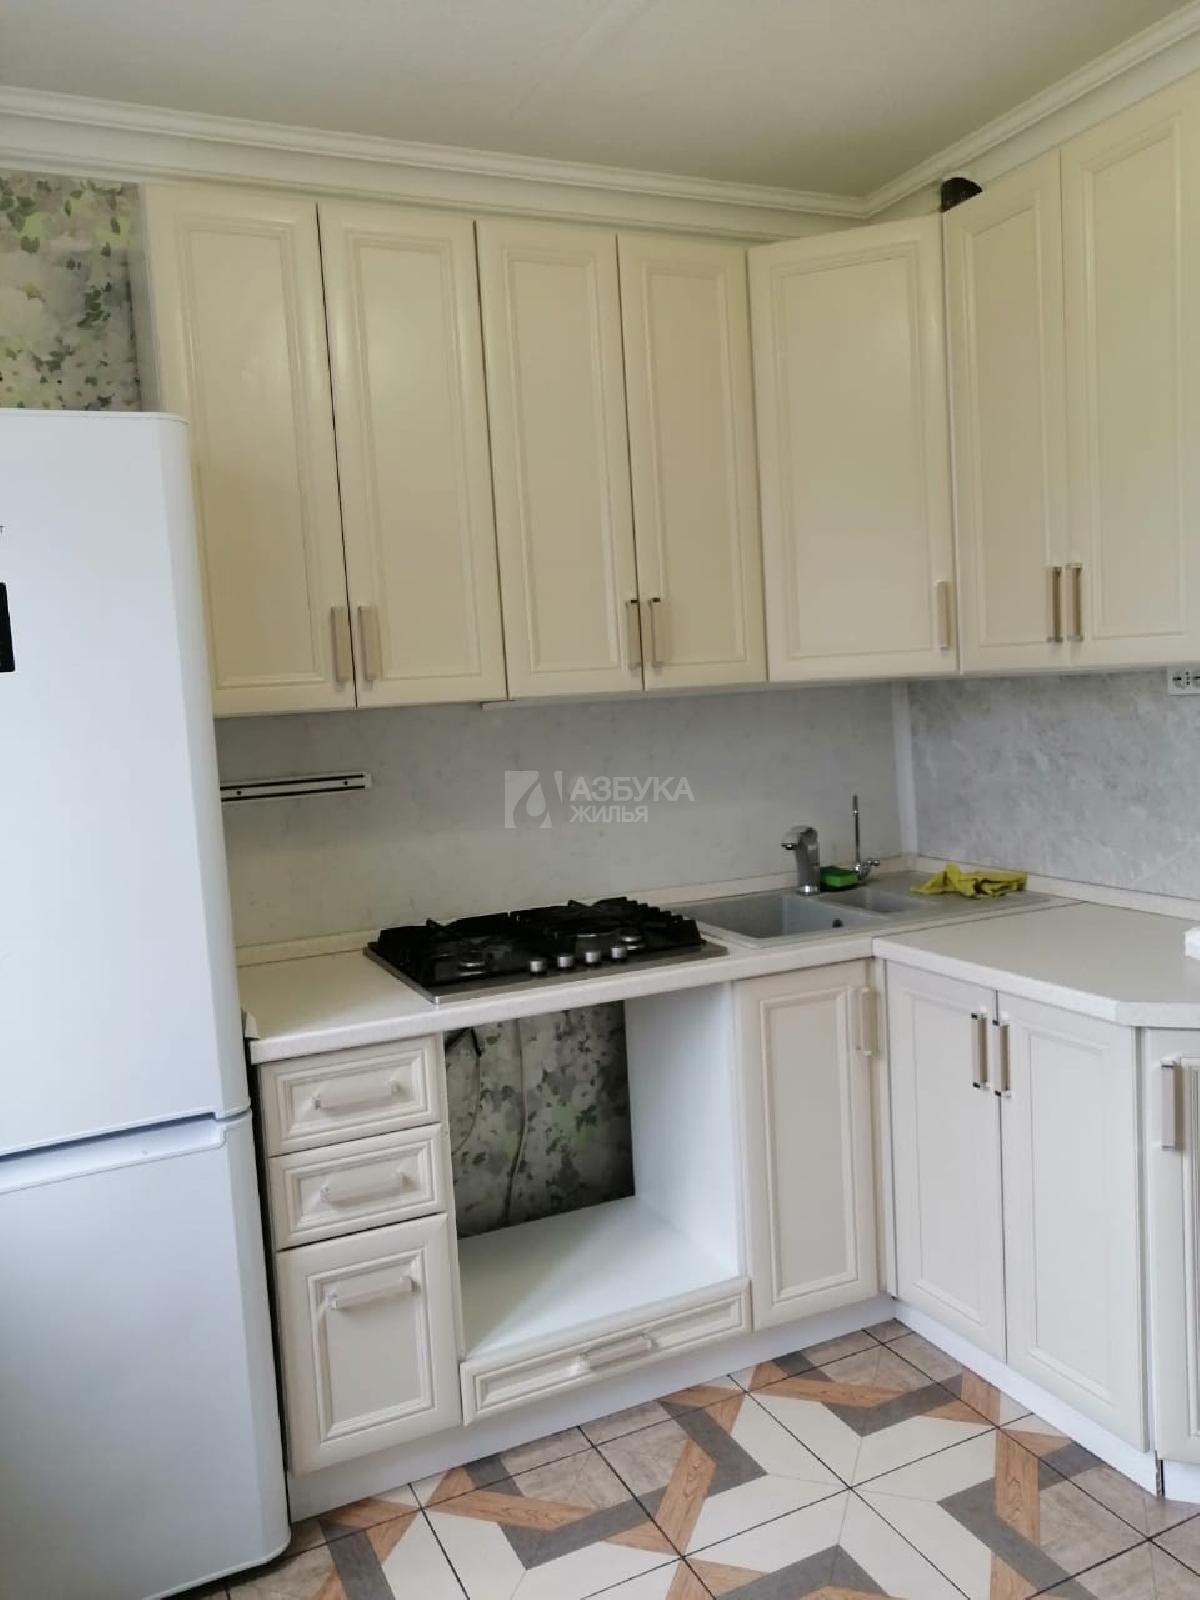 Фото №1 - 1-комнатная квартира, Балашиха, микрорайон Саввино, 1 Мая улица 11